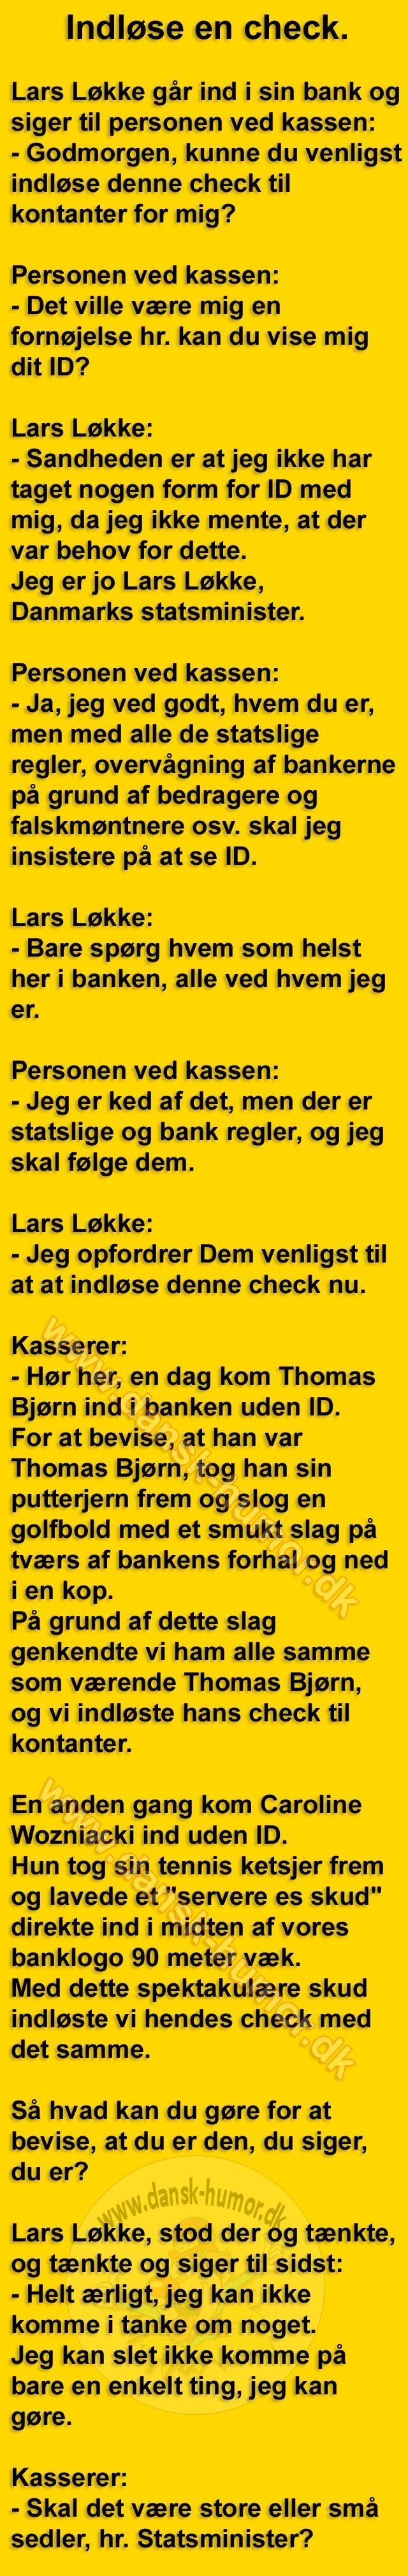 Lars Løkke i banken.